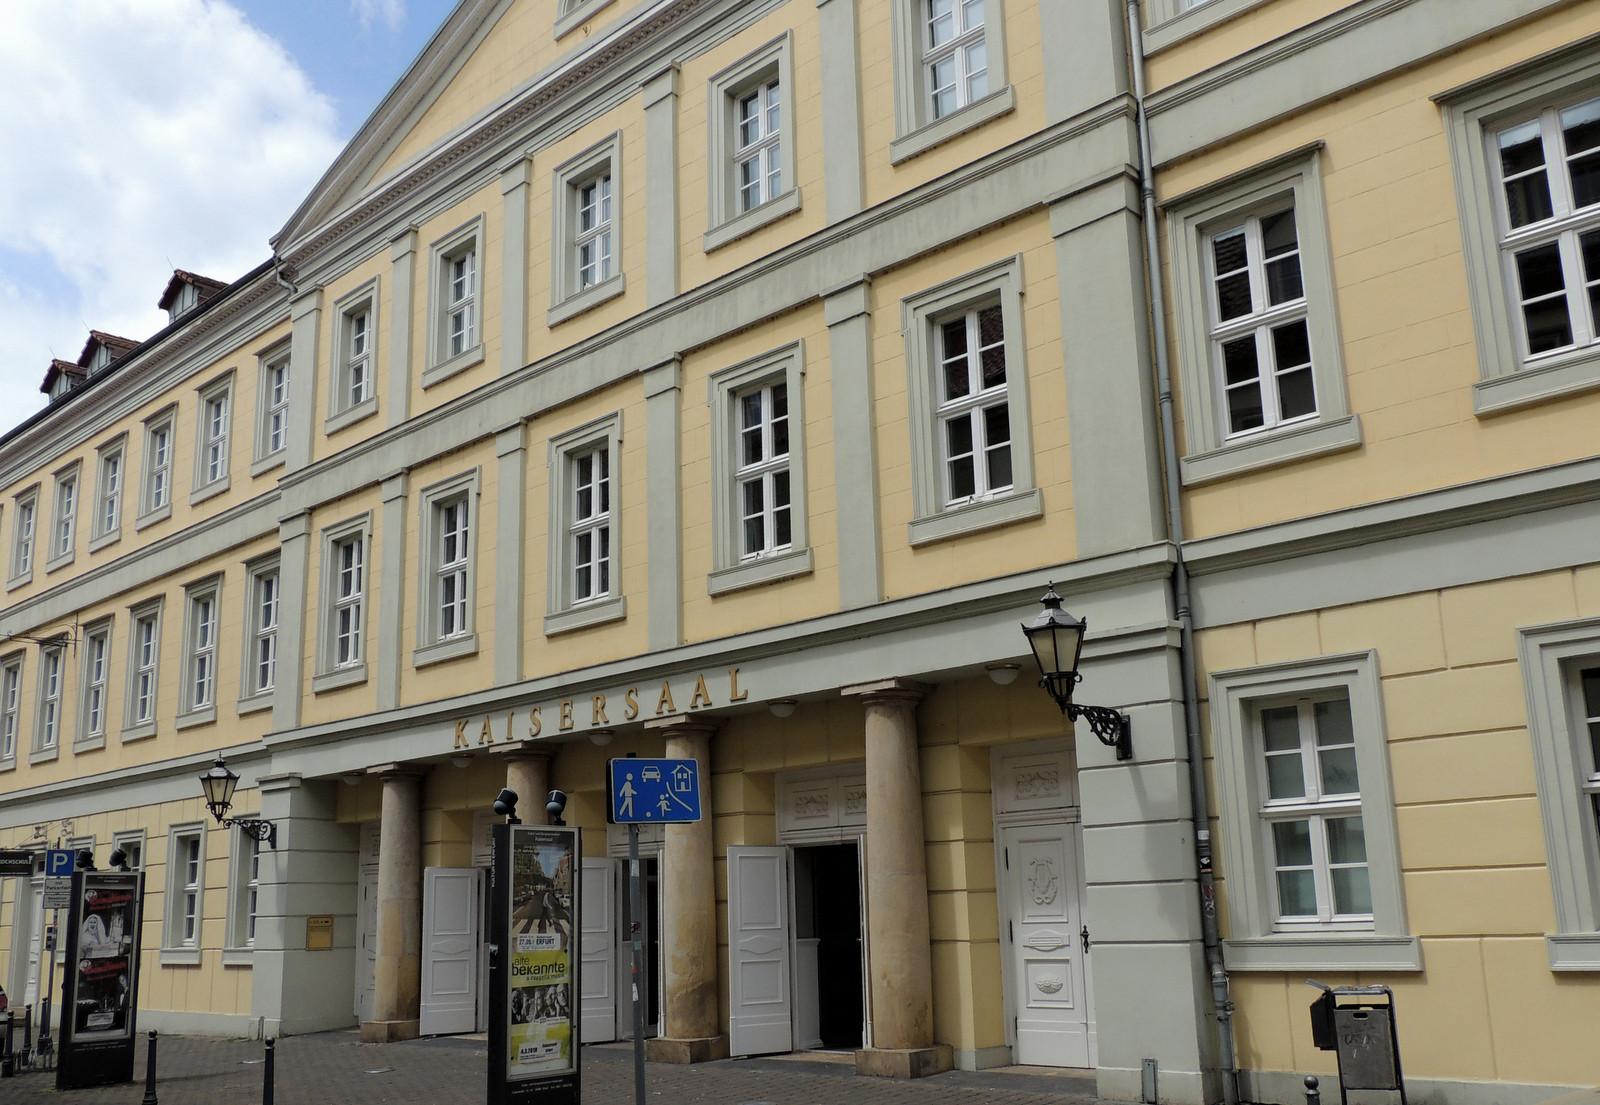 Kaisersaal in Erfurt